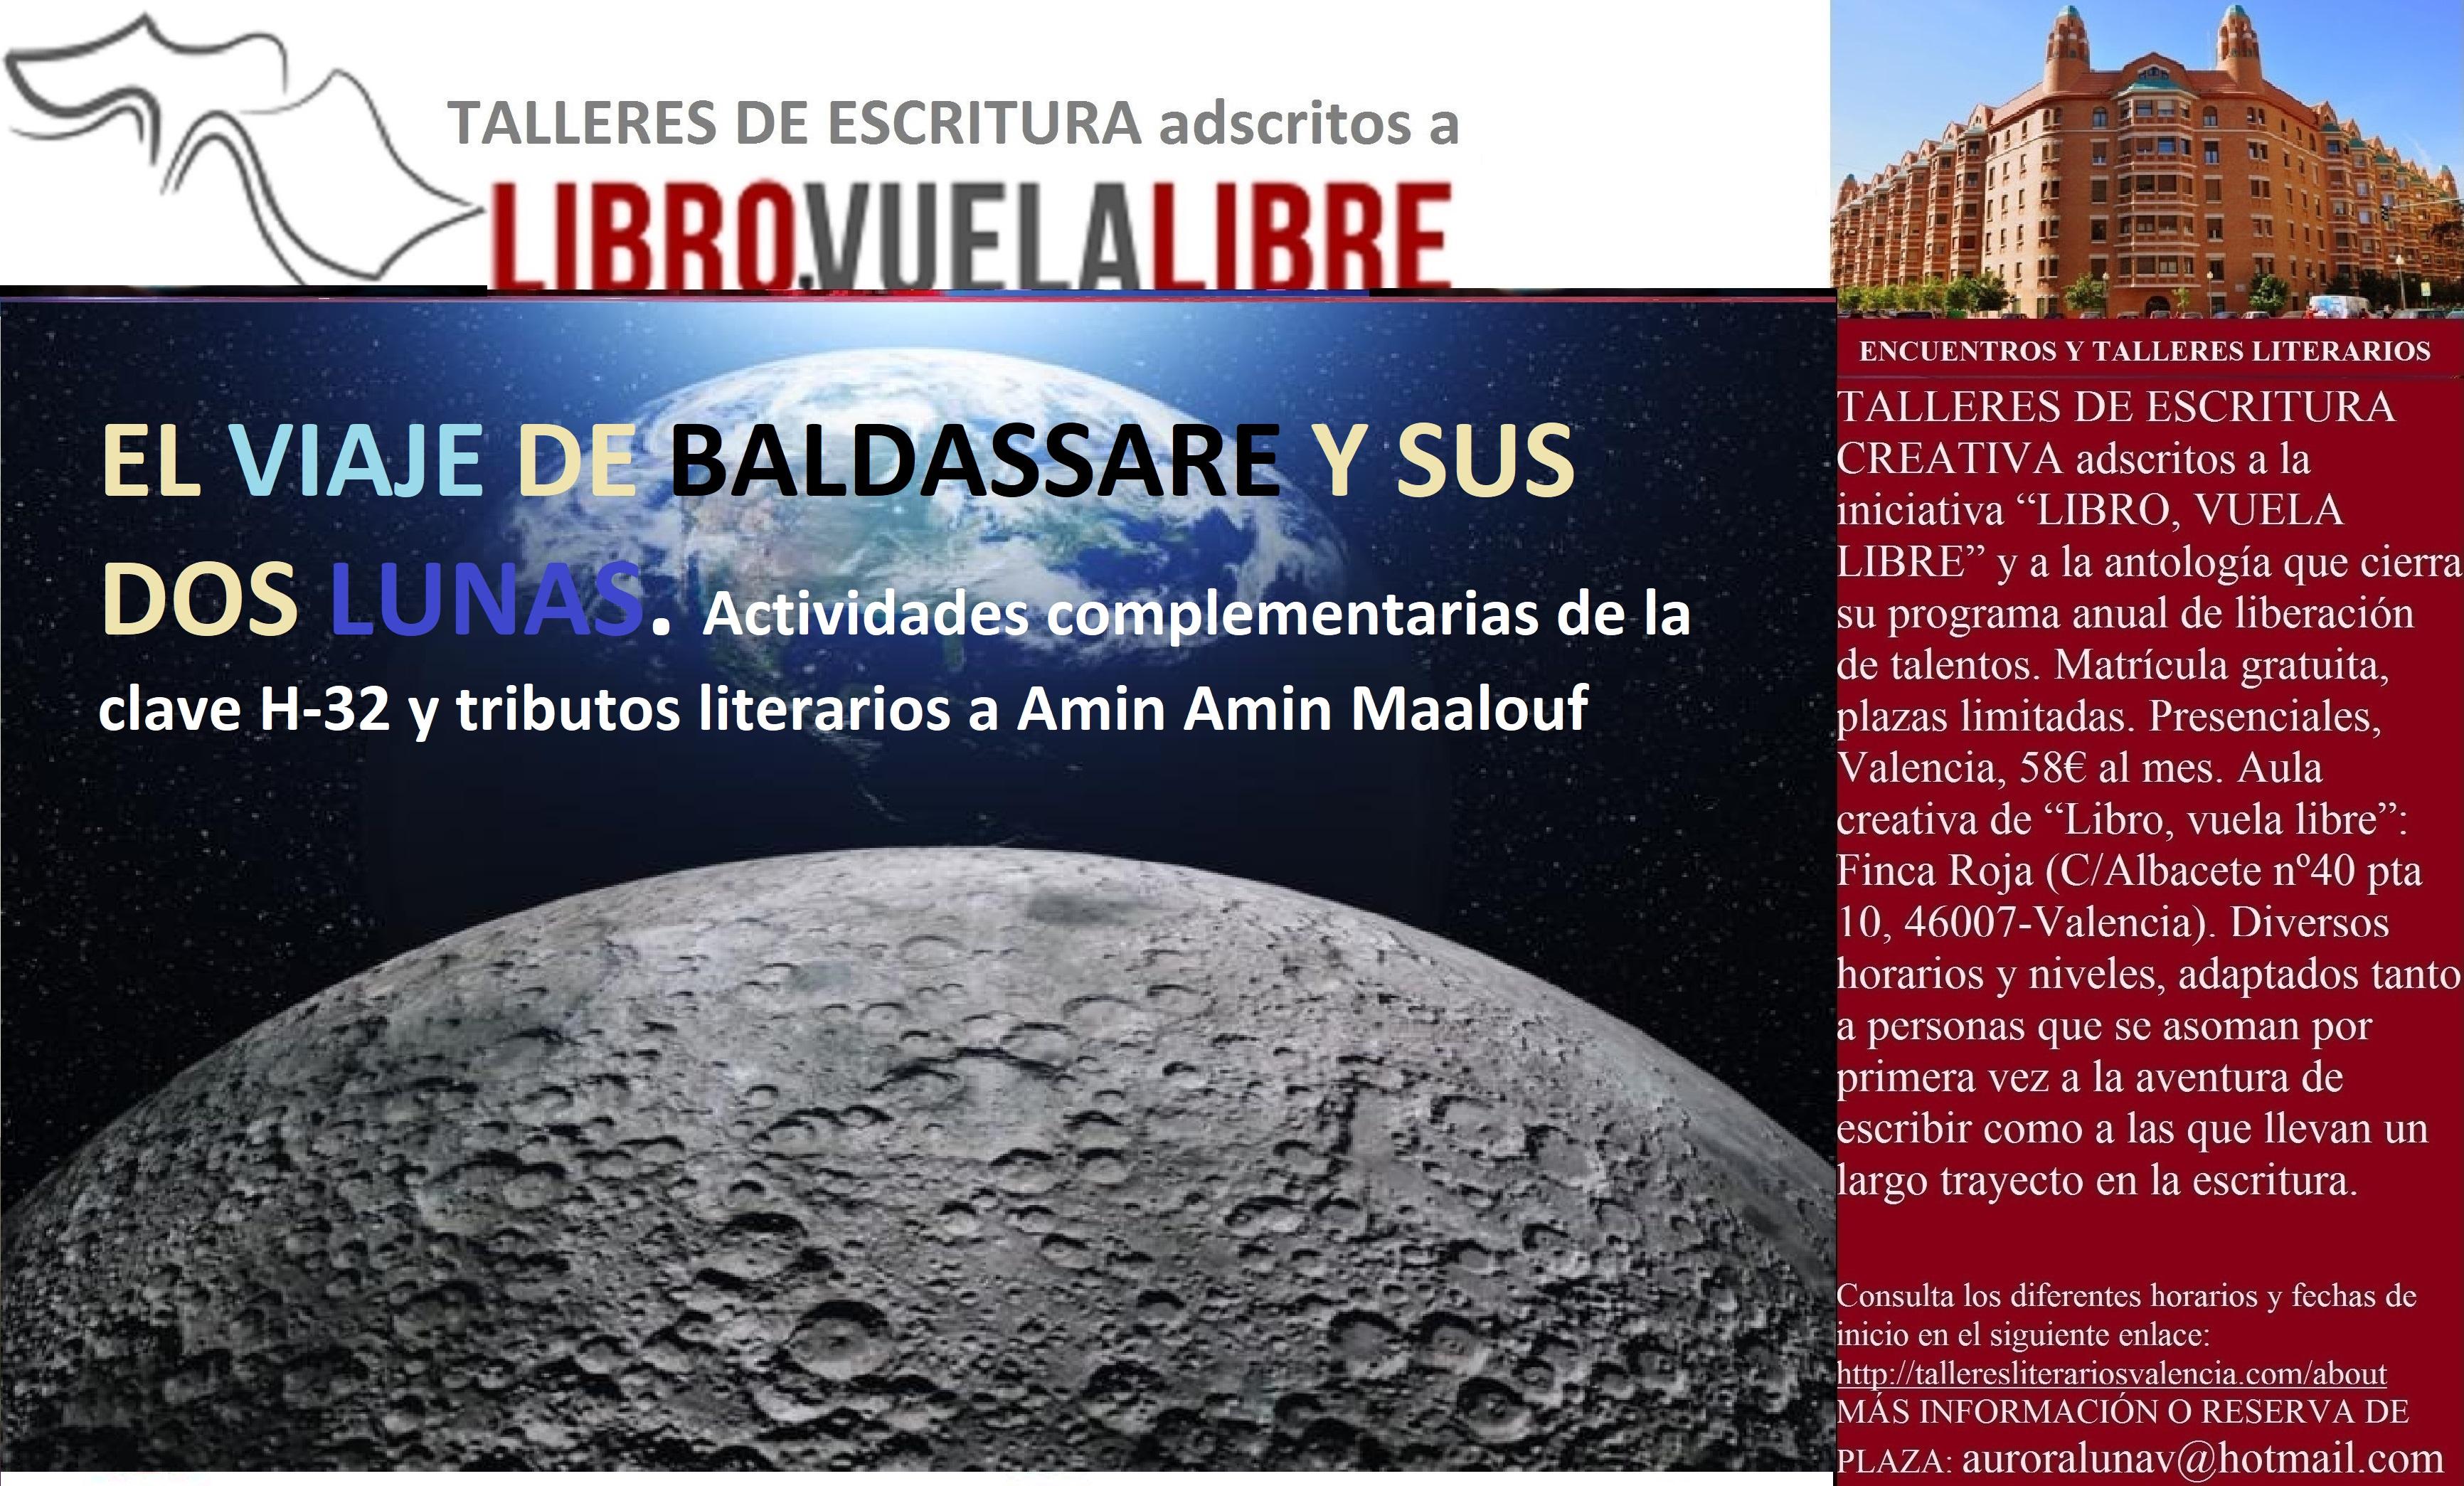 Taller de escritura: EL VIAJE DE BALDASSARE Y SUS DOS LUNAS